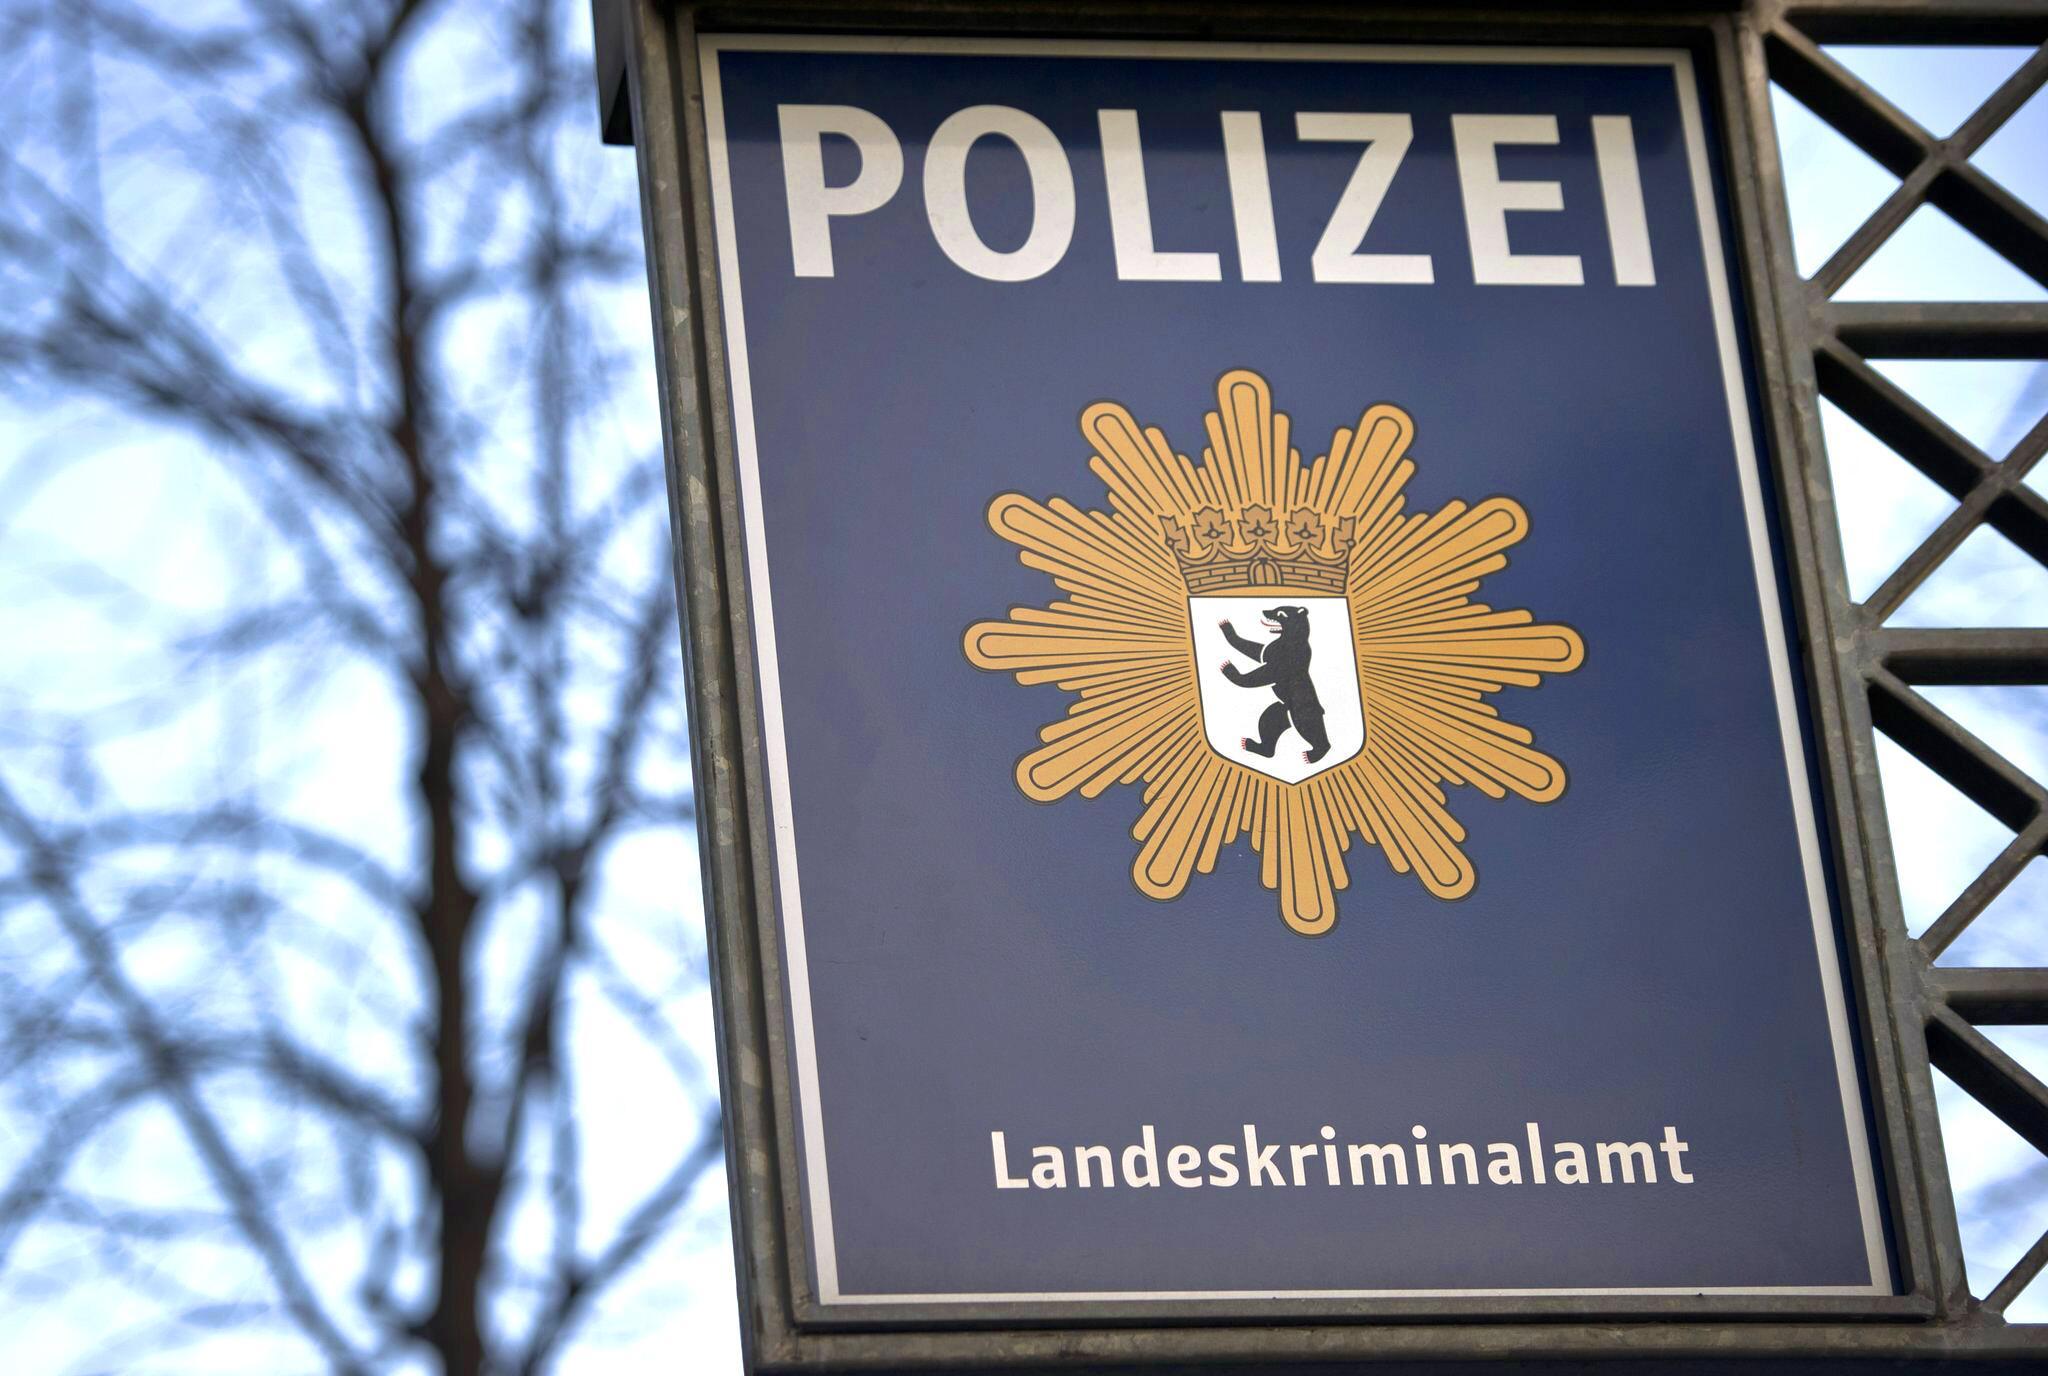 Bild zu Durchsuchungen wegen Korruptionsverdachts - Polizist verhaftet